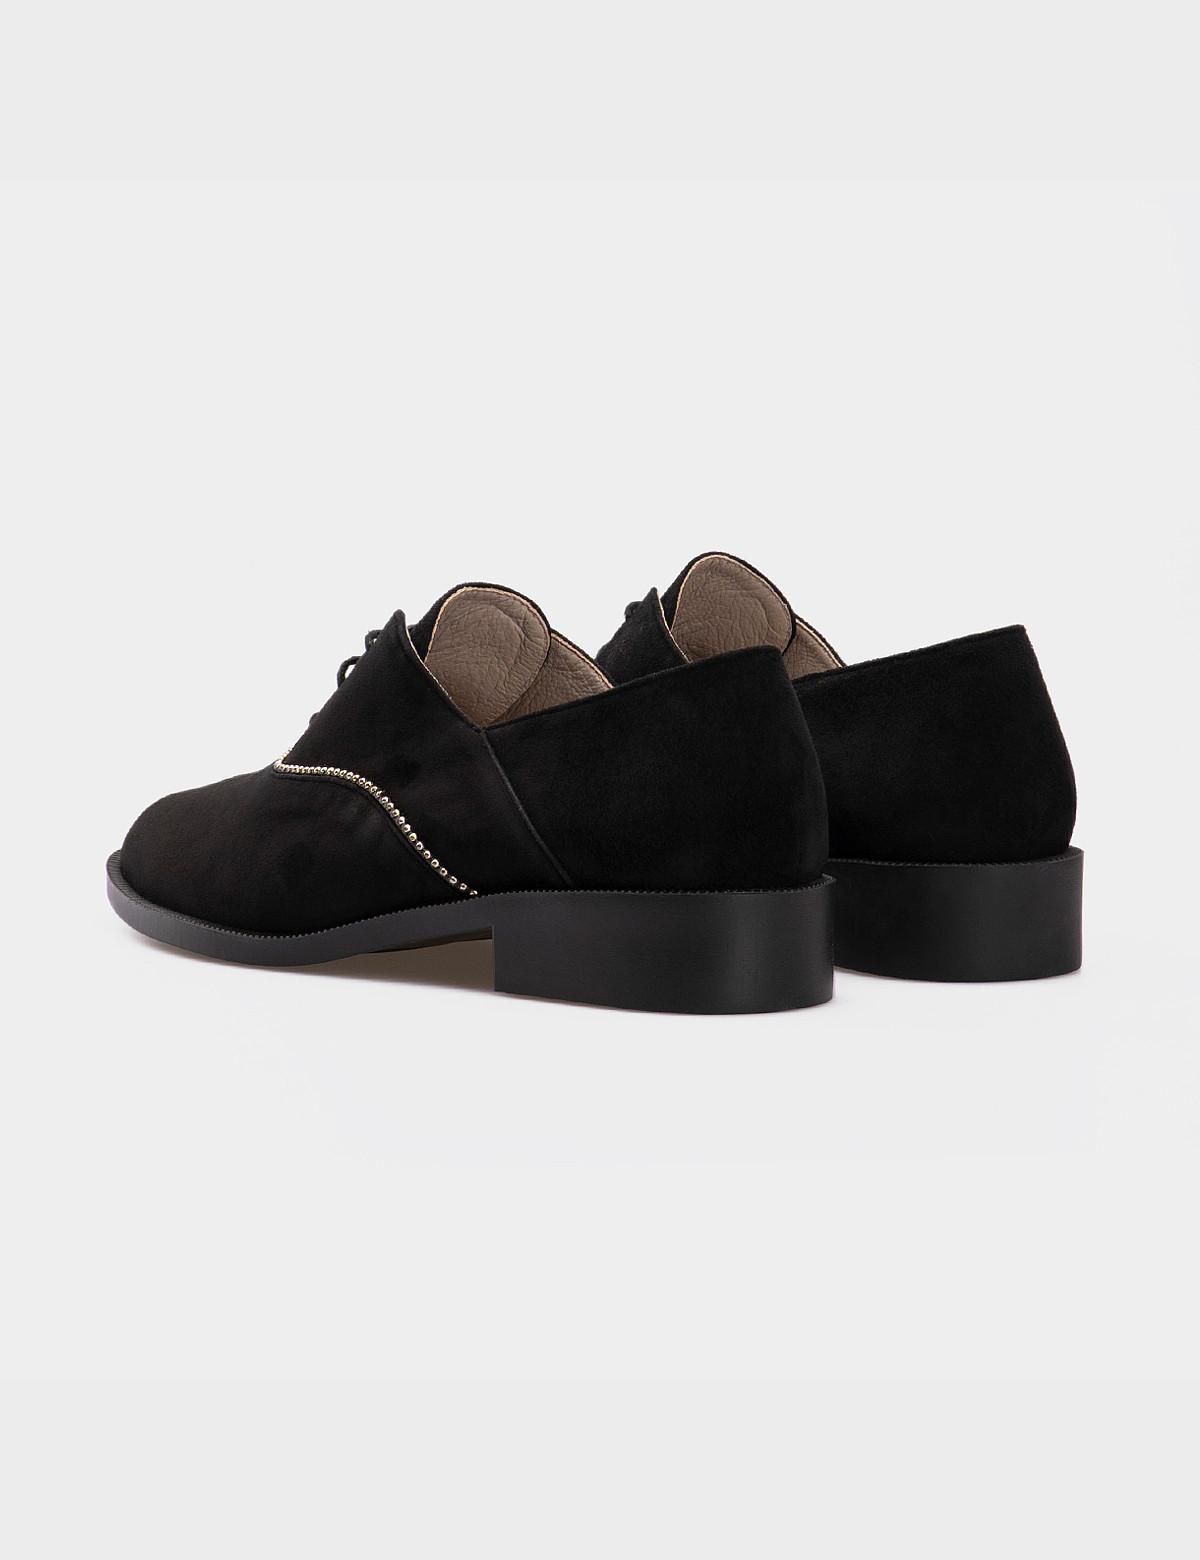 Туфлі чорні, натуральна замша2